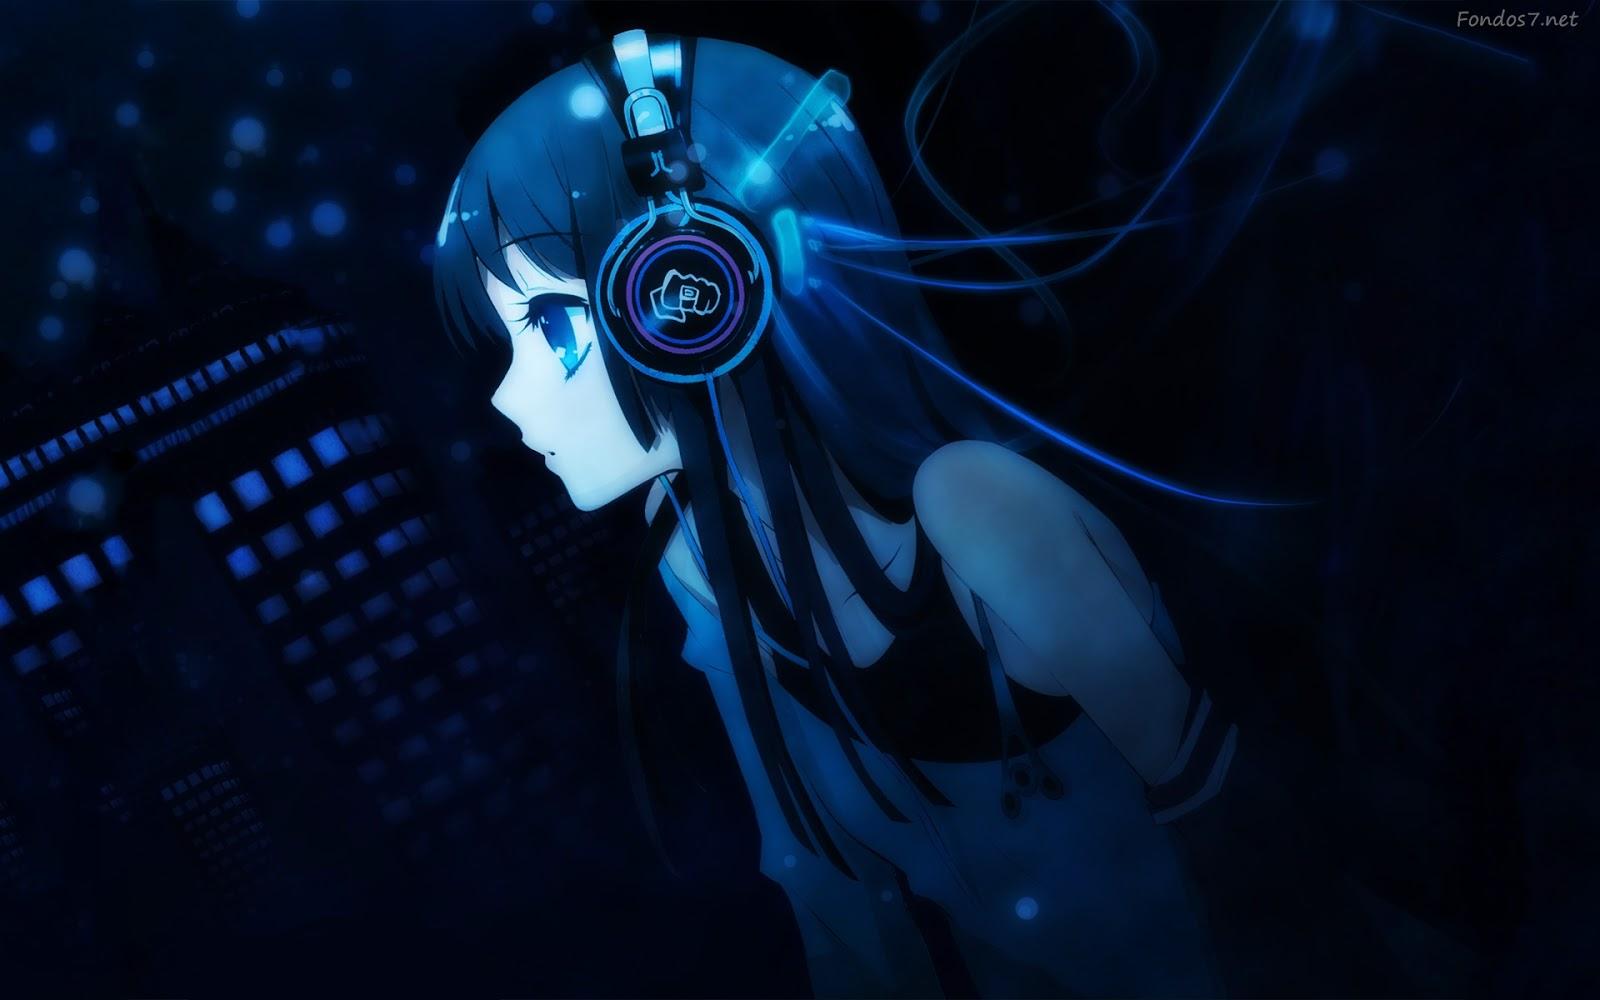 grupos de musica techno: